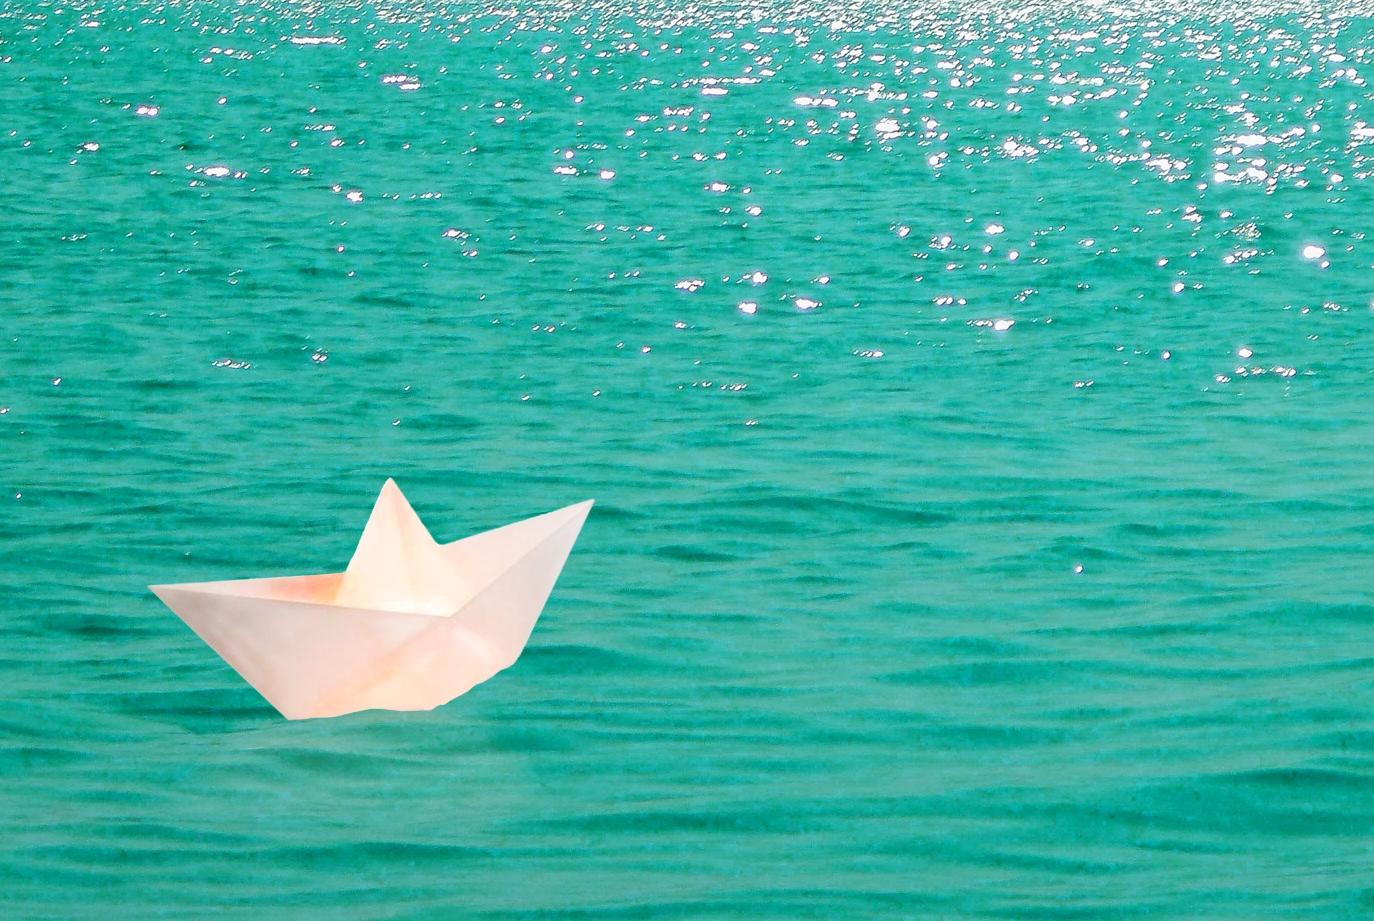 elizee bootje lichtzee